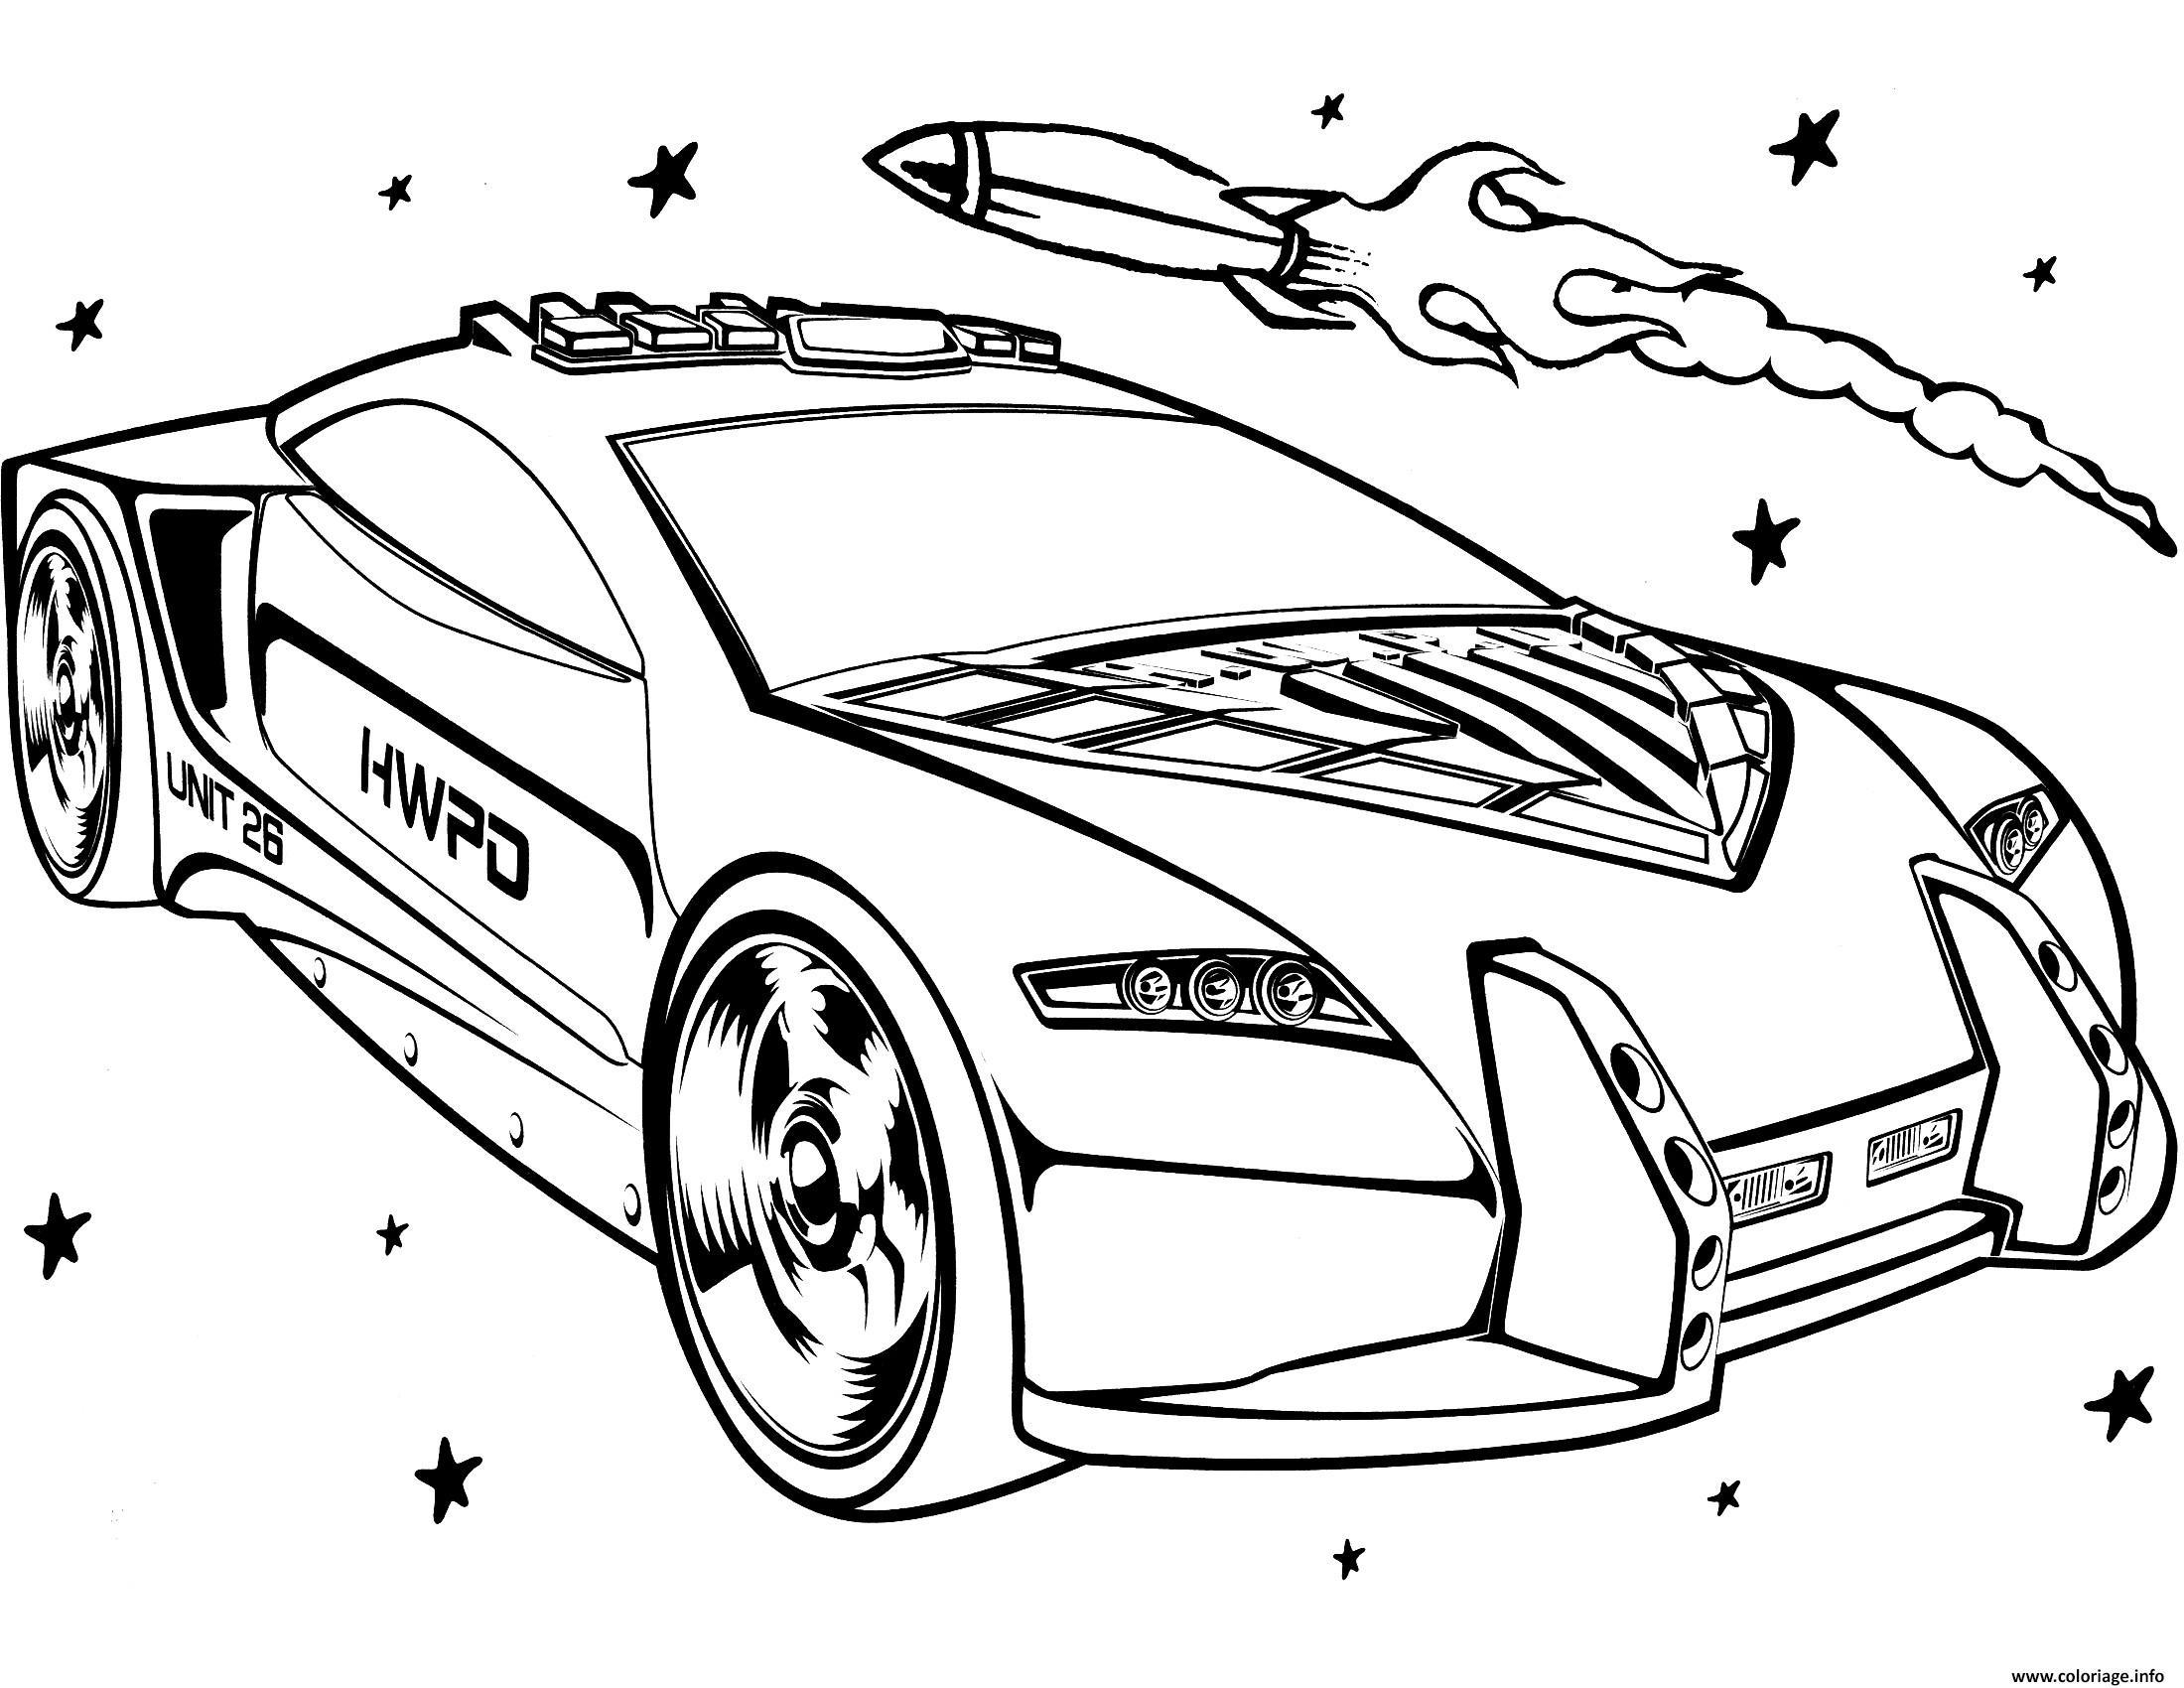 Dessin Hot Wheels for Girls Coloriage Gratuit à Imprimer